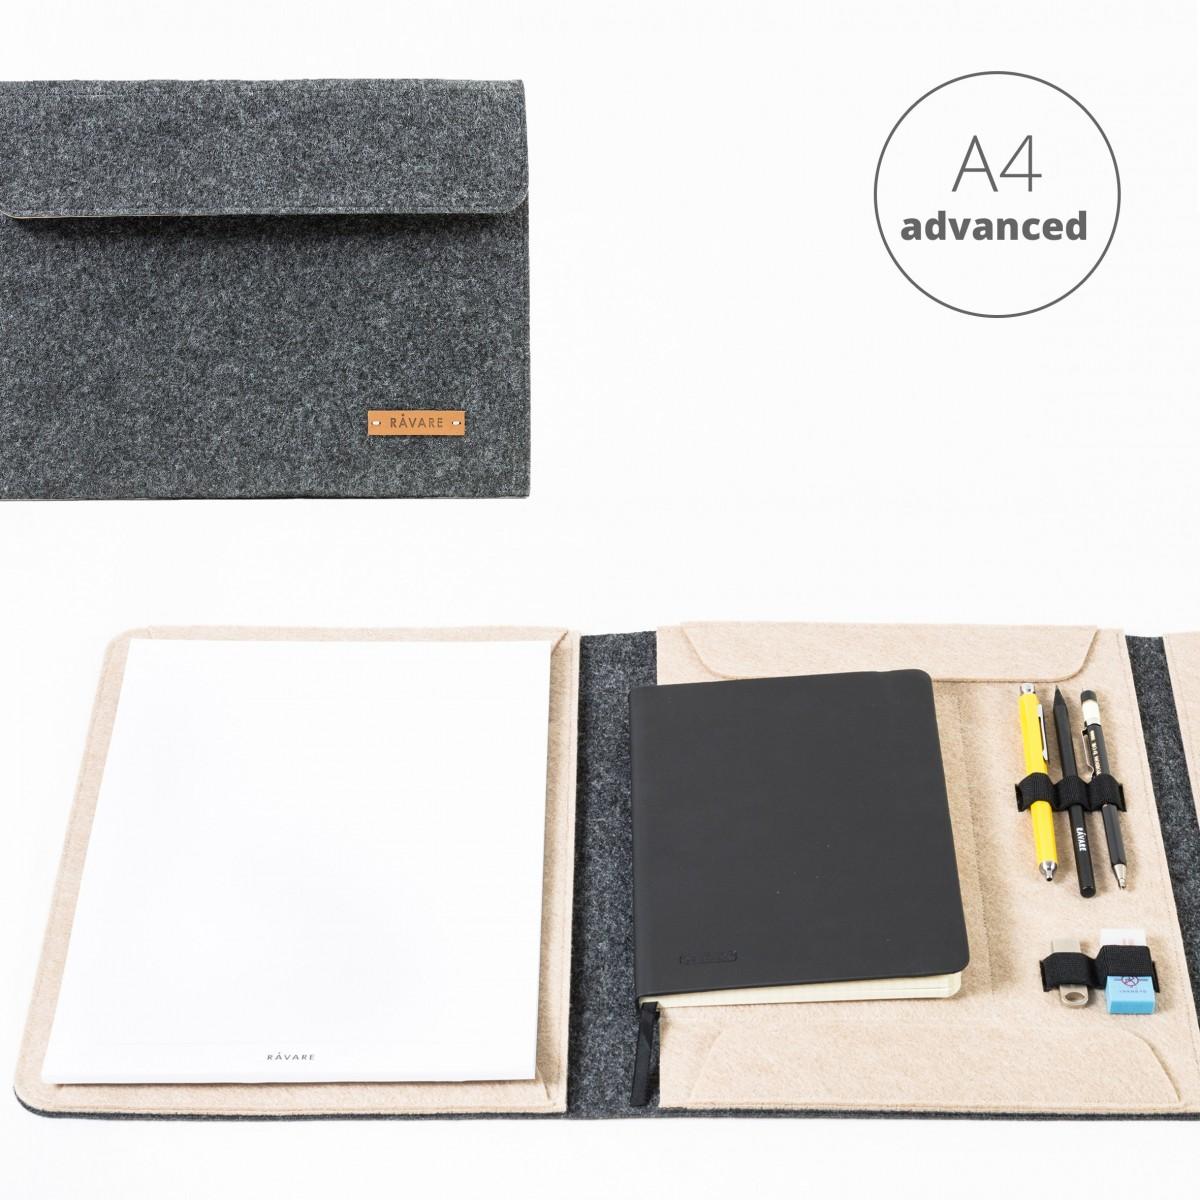 RÅVARE Dokumentenmappe für A4-Dokumente, Kalender, Planer und Tablet ≤12.3″ in grau-beige [HENNE]